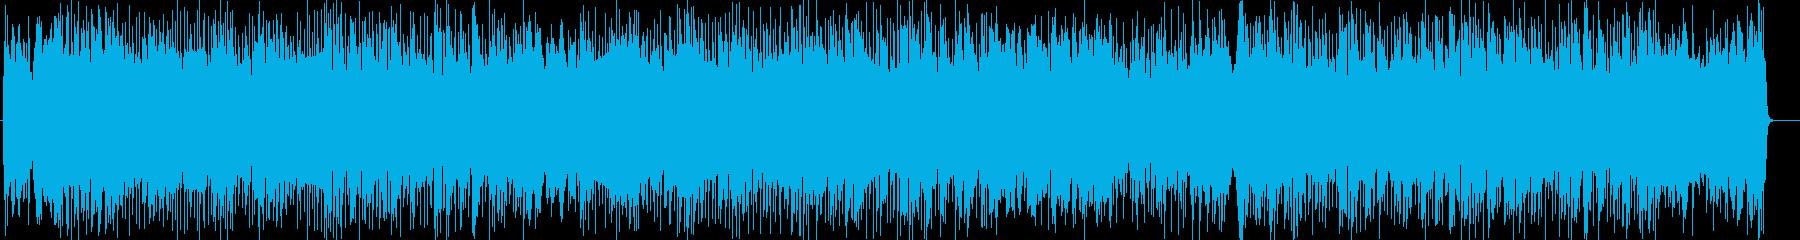 トレンディドラマ風シンセサイザー系曲の再生済みの波形